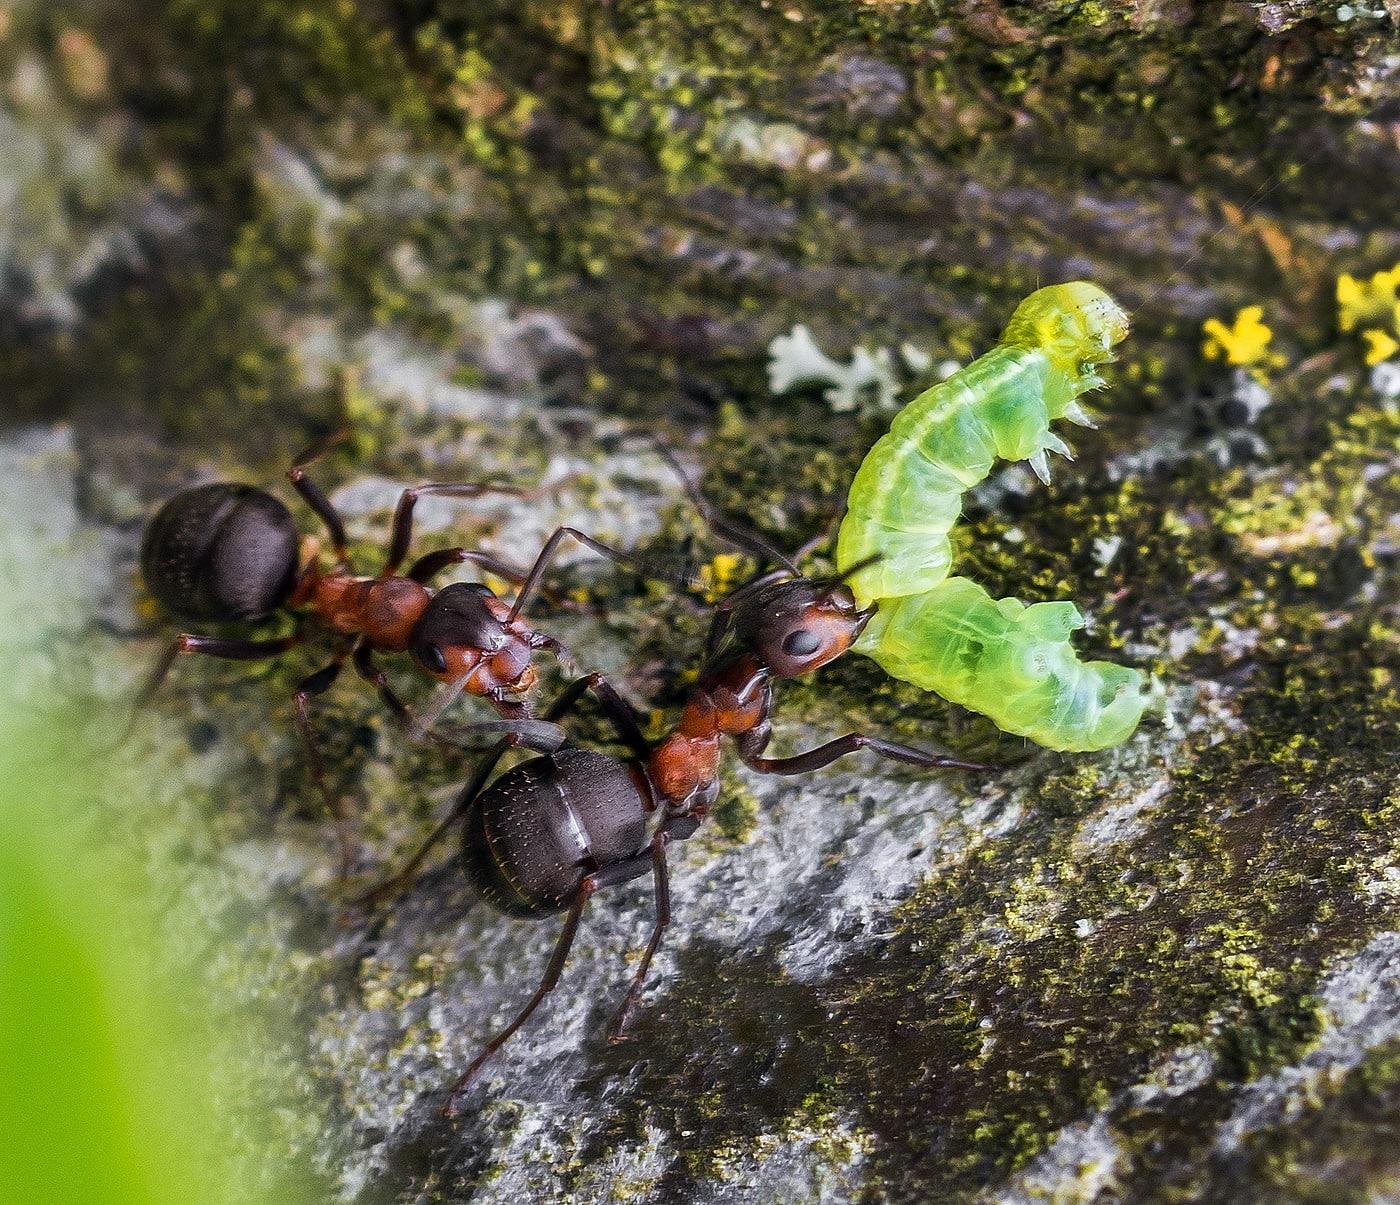 Skovmyrerne finder skadedyr på æbletræer og bærer dem hjem for at æde dem. Det er bæredygtig plantebeskyttelse uden sprøjtegifte, da larverne ellers æder kolossale mængder af frugttræernes knopper og dermed nedsætter mængden af frugt. (Foto: Jens Henrik Petersen)